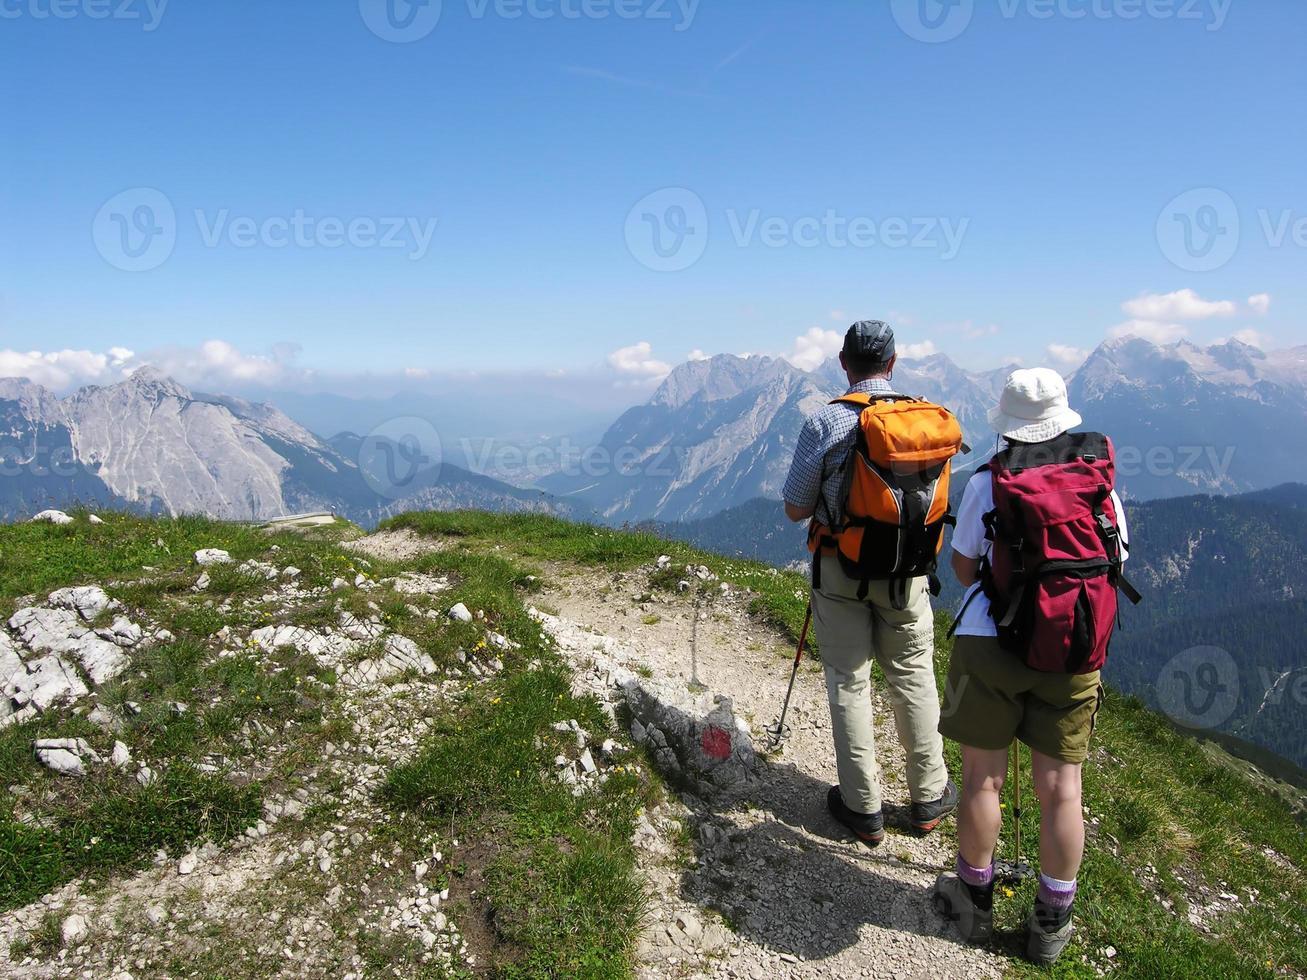 caminhantes na montanha, apreciando a vista antes de voltar para baixo foto